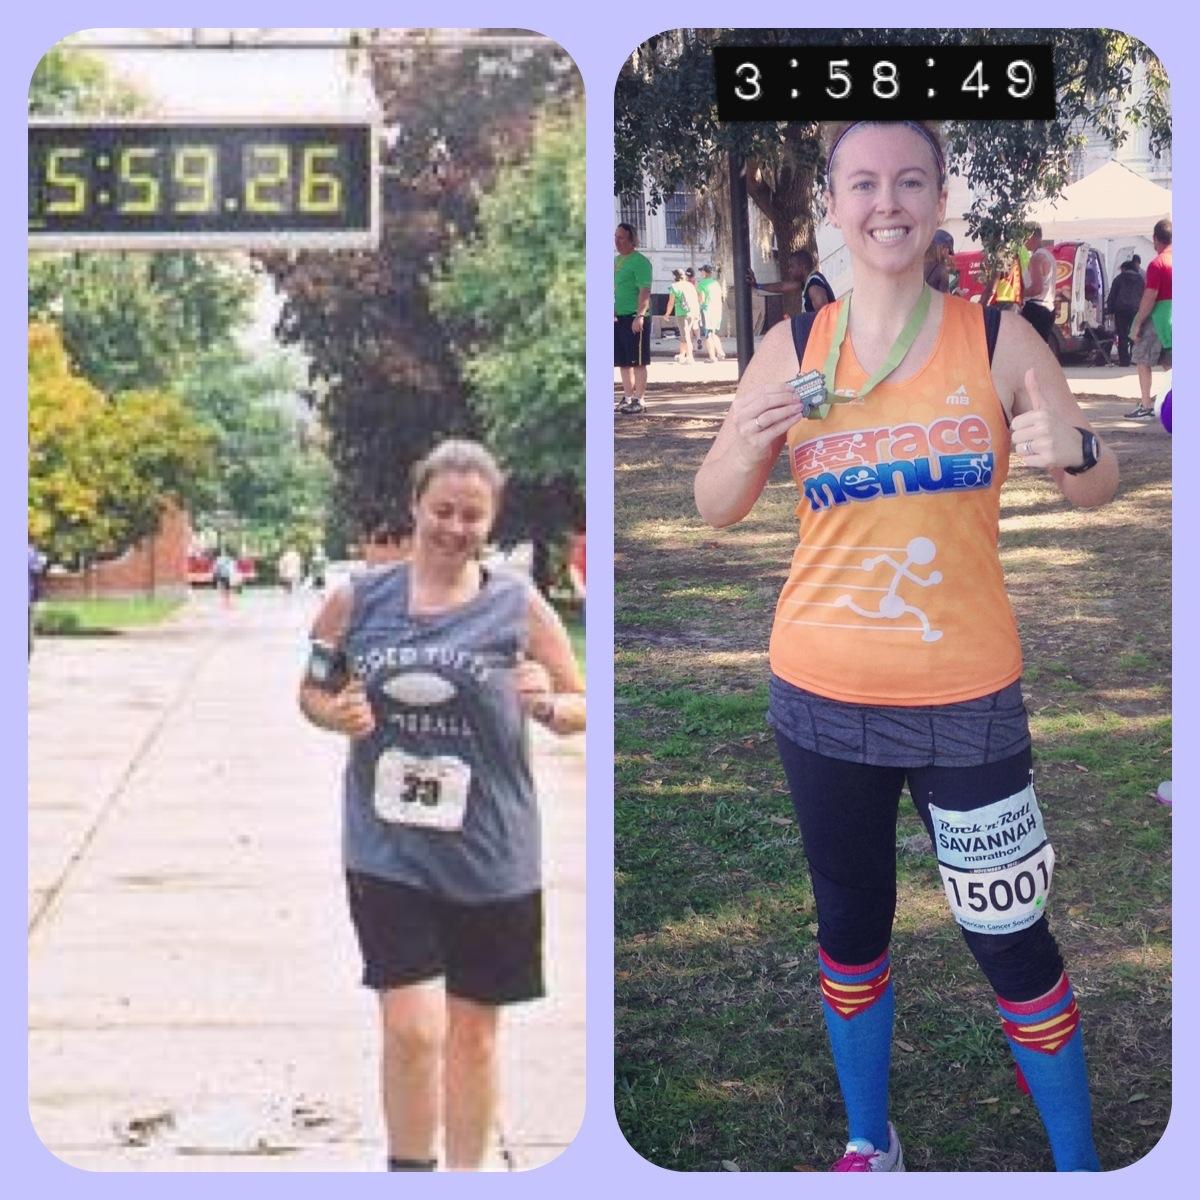 Marathon 1 (Sept 2006) vs Marathon 2 (Nov 2012)